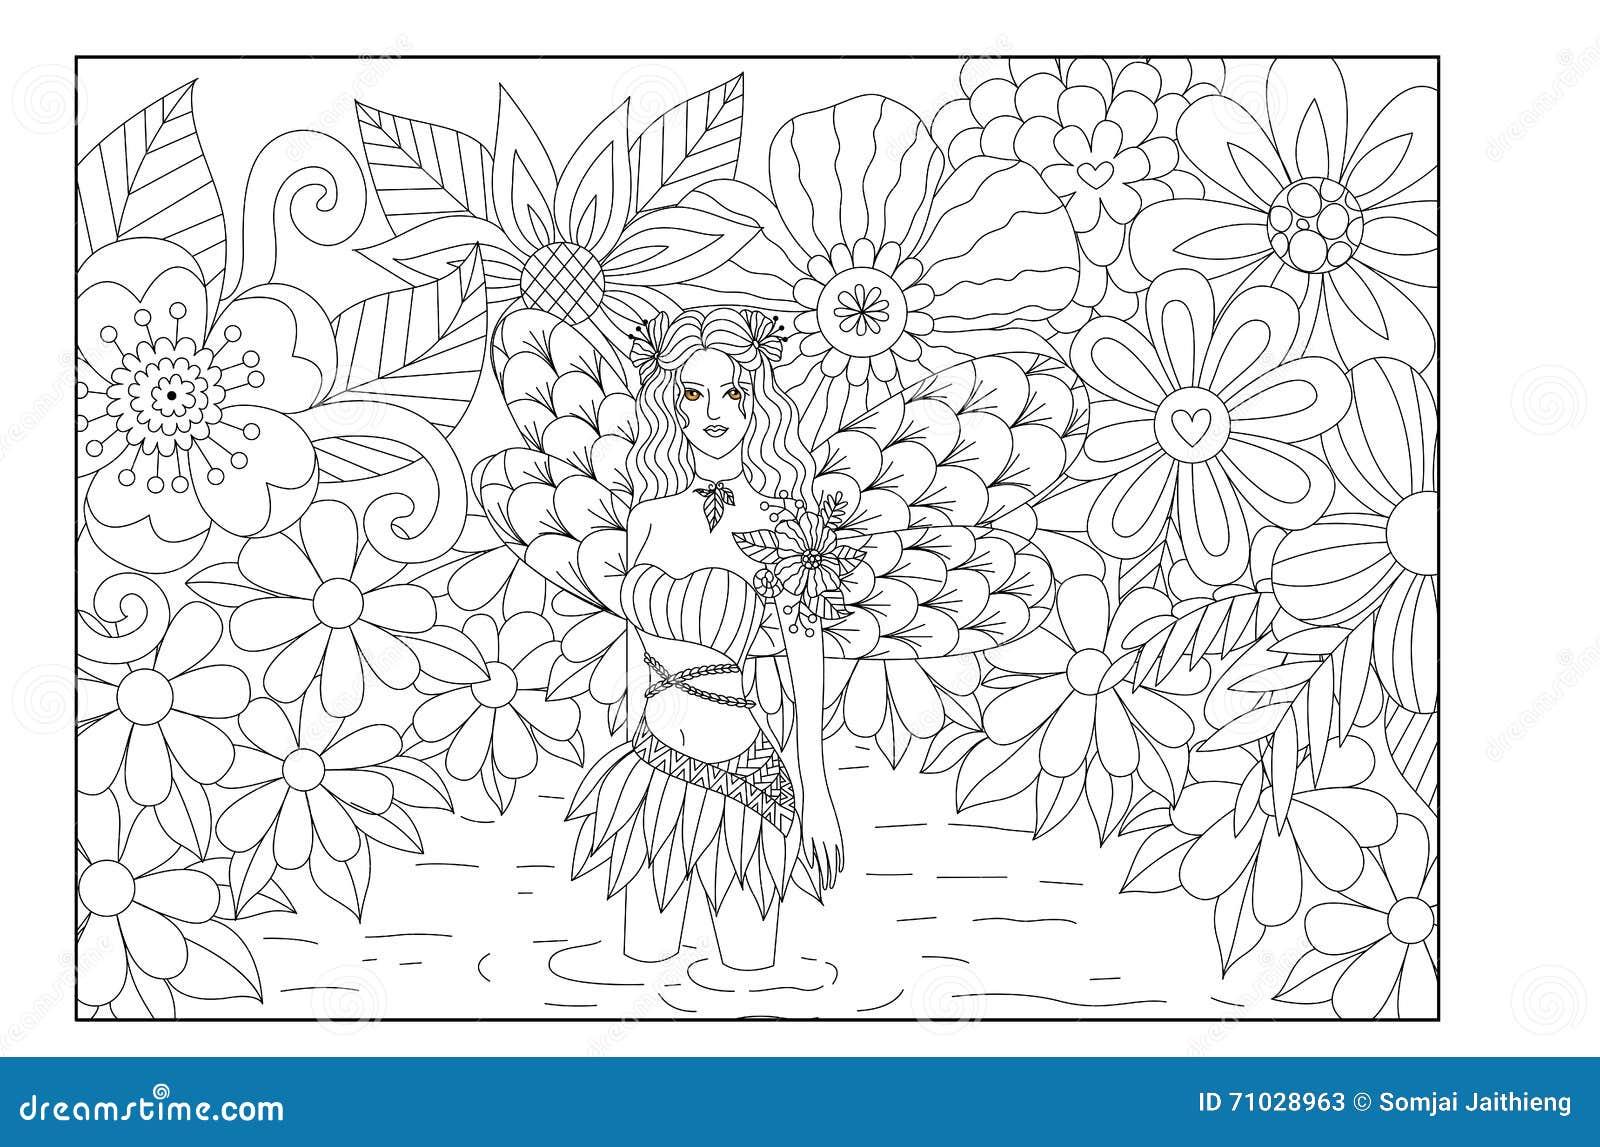 Fée Dans étang Conception De Schéma Pour Livre De Coloriage Pour L